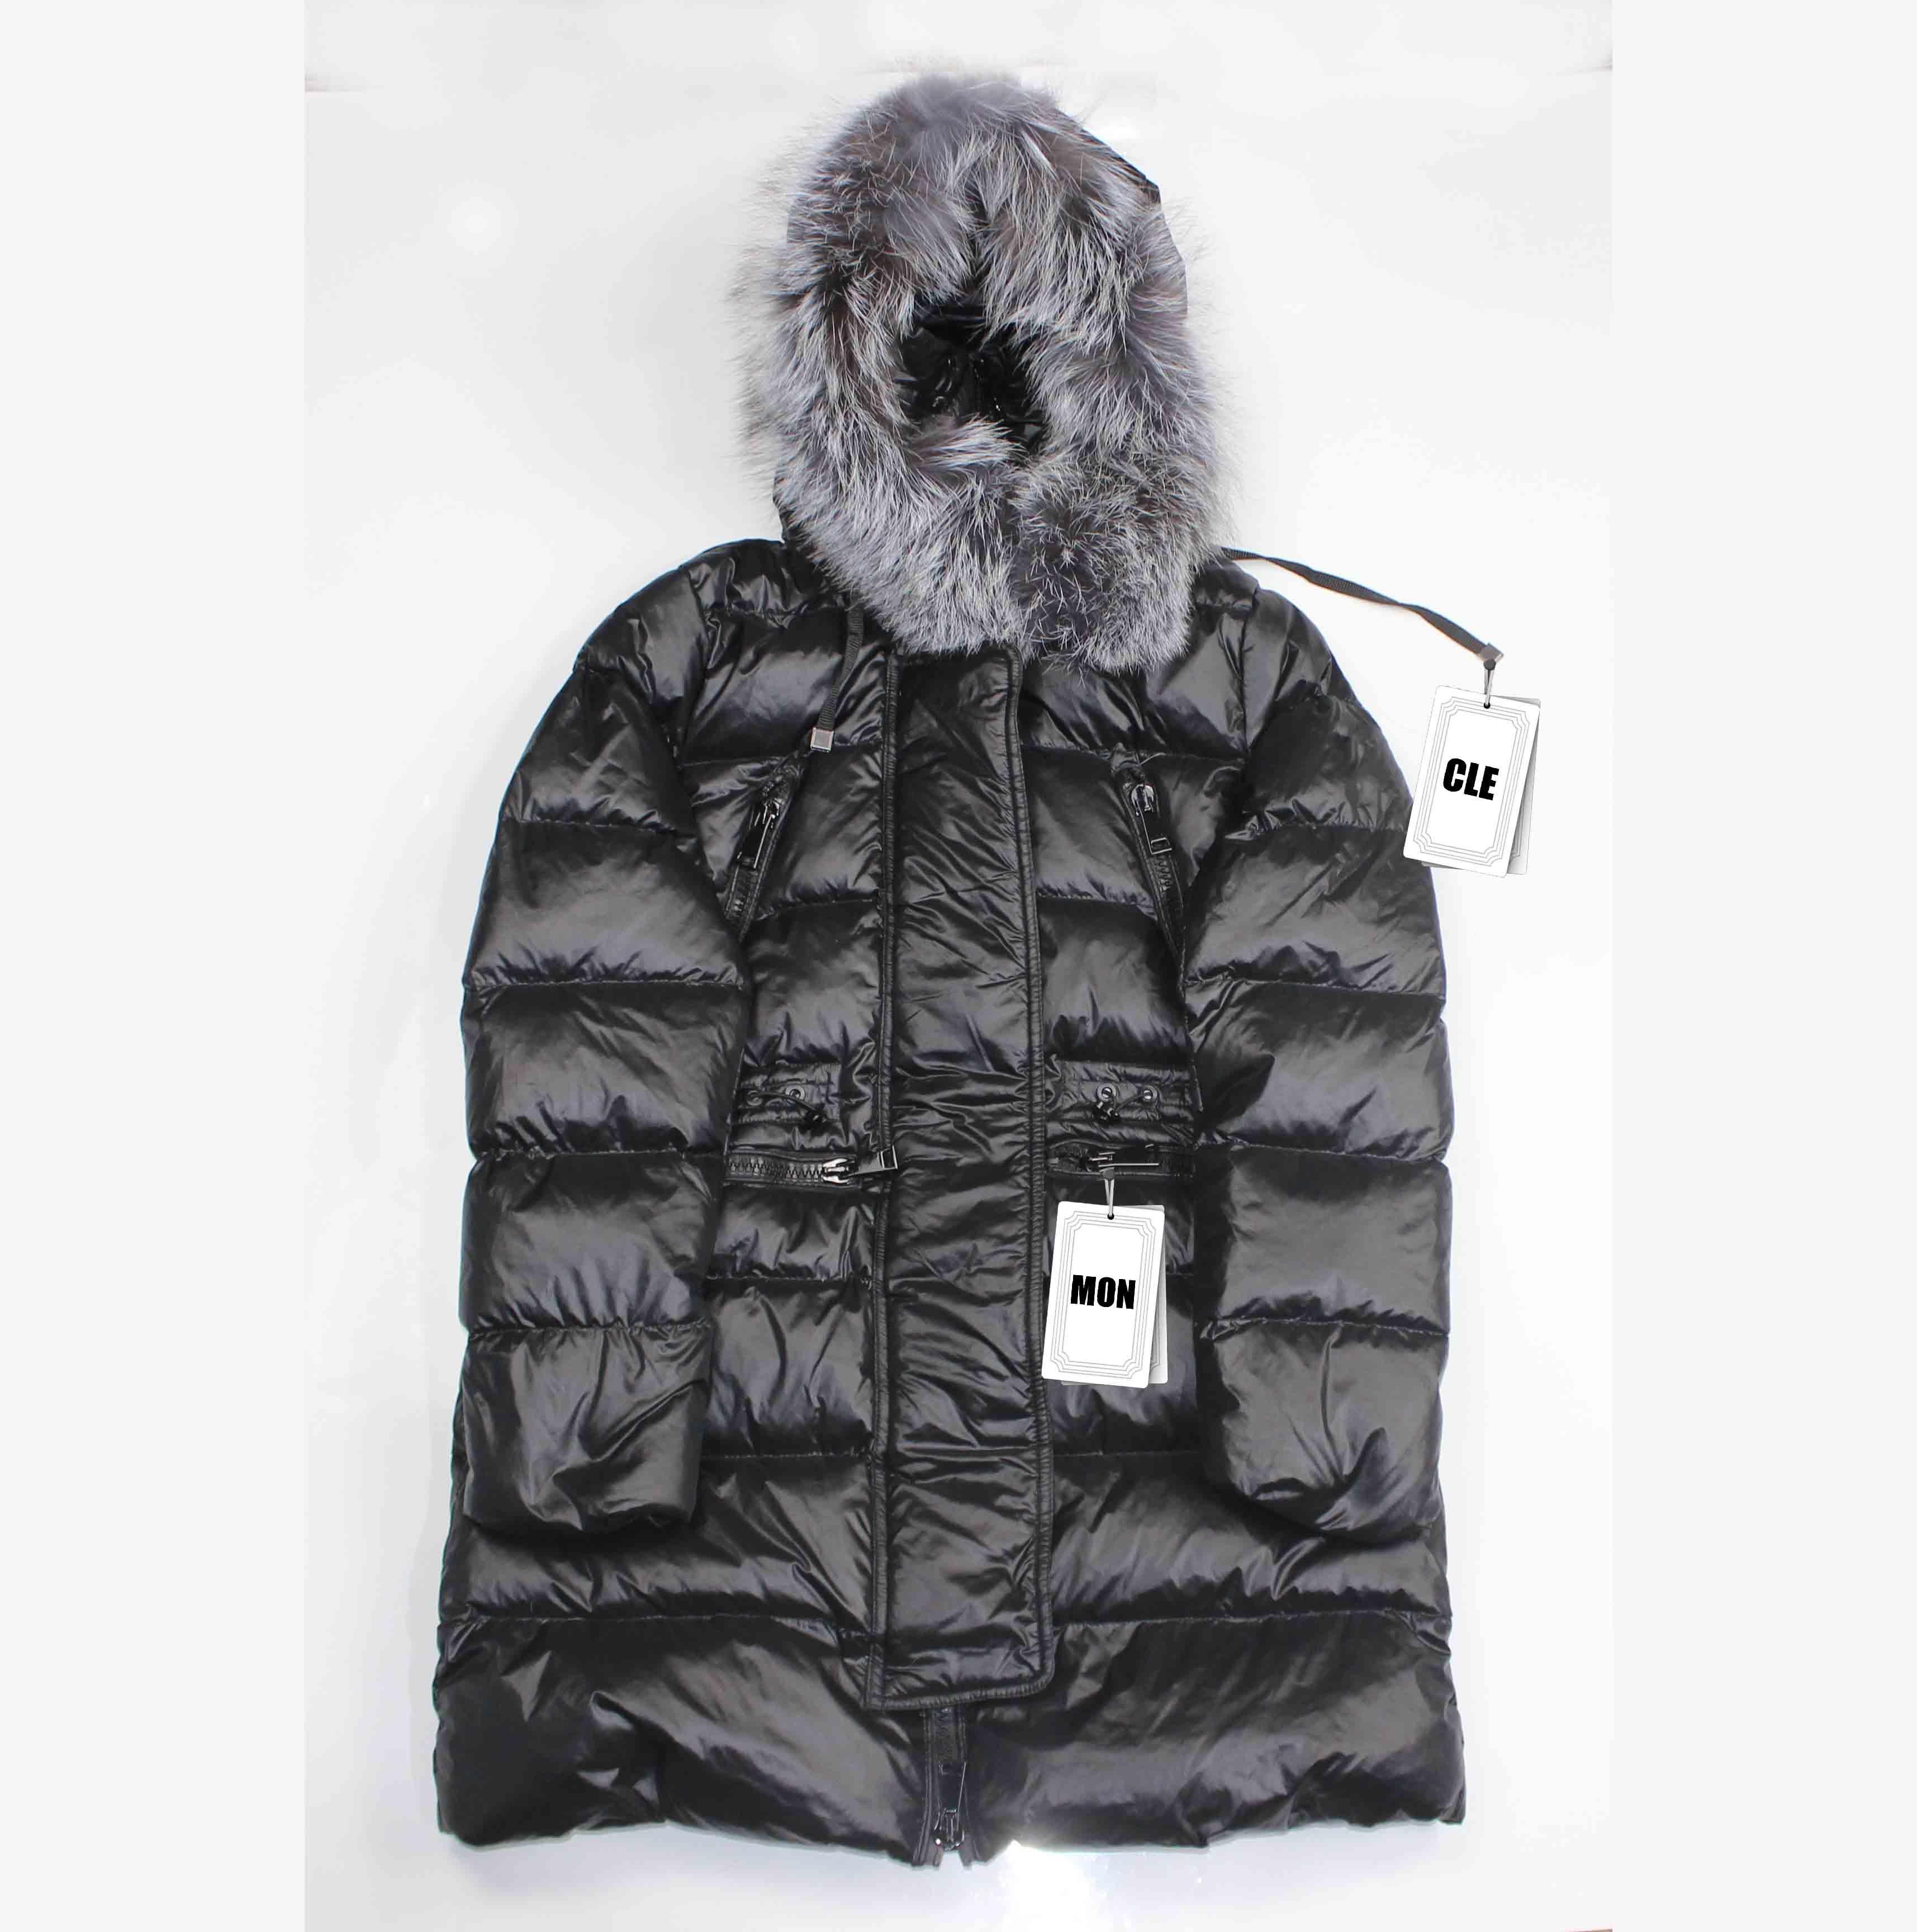 Mujeres Abajo cubren Diseñador de lujo Solid color de las chaquetas largas calientes del invierno de las mujeres ropa de moda al aire libre de desgaste Parkas Marca con TagLabel.Y05